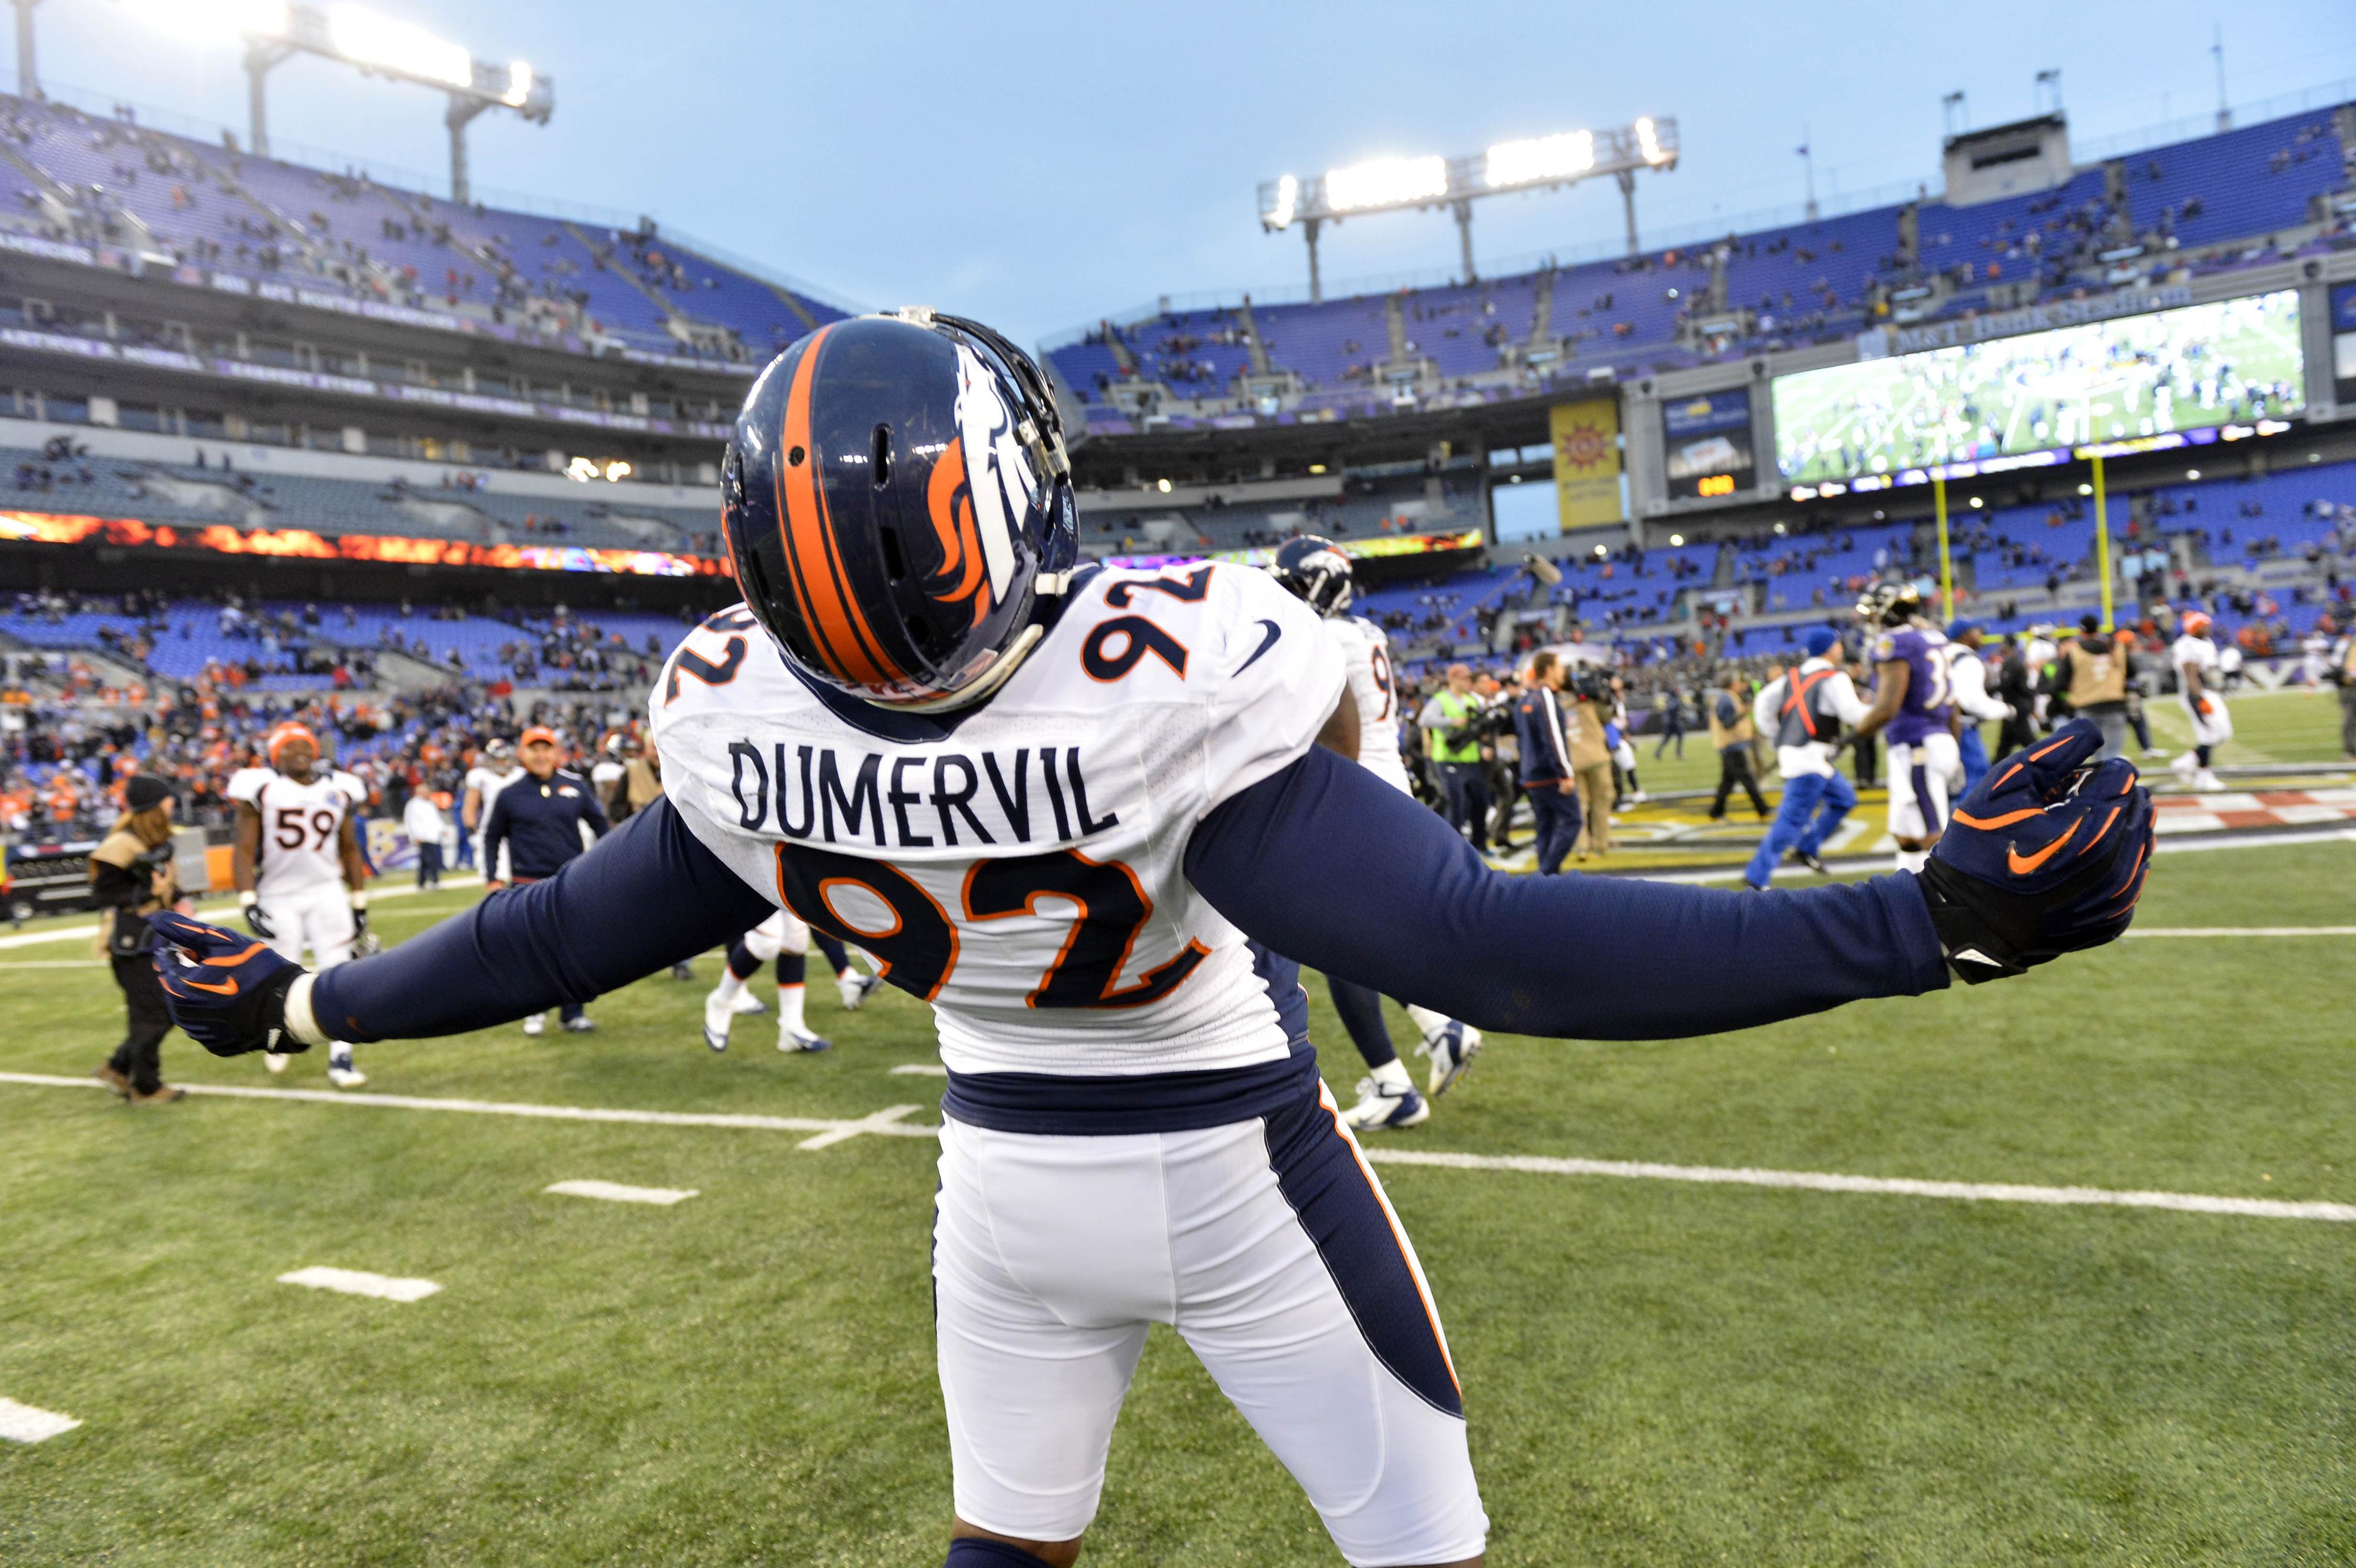 NFL free agent news: Ravens land Elvis Dumervil, Pats re-sign Sebastian Vollmer